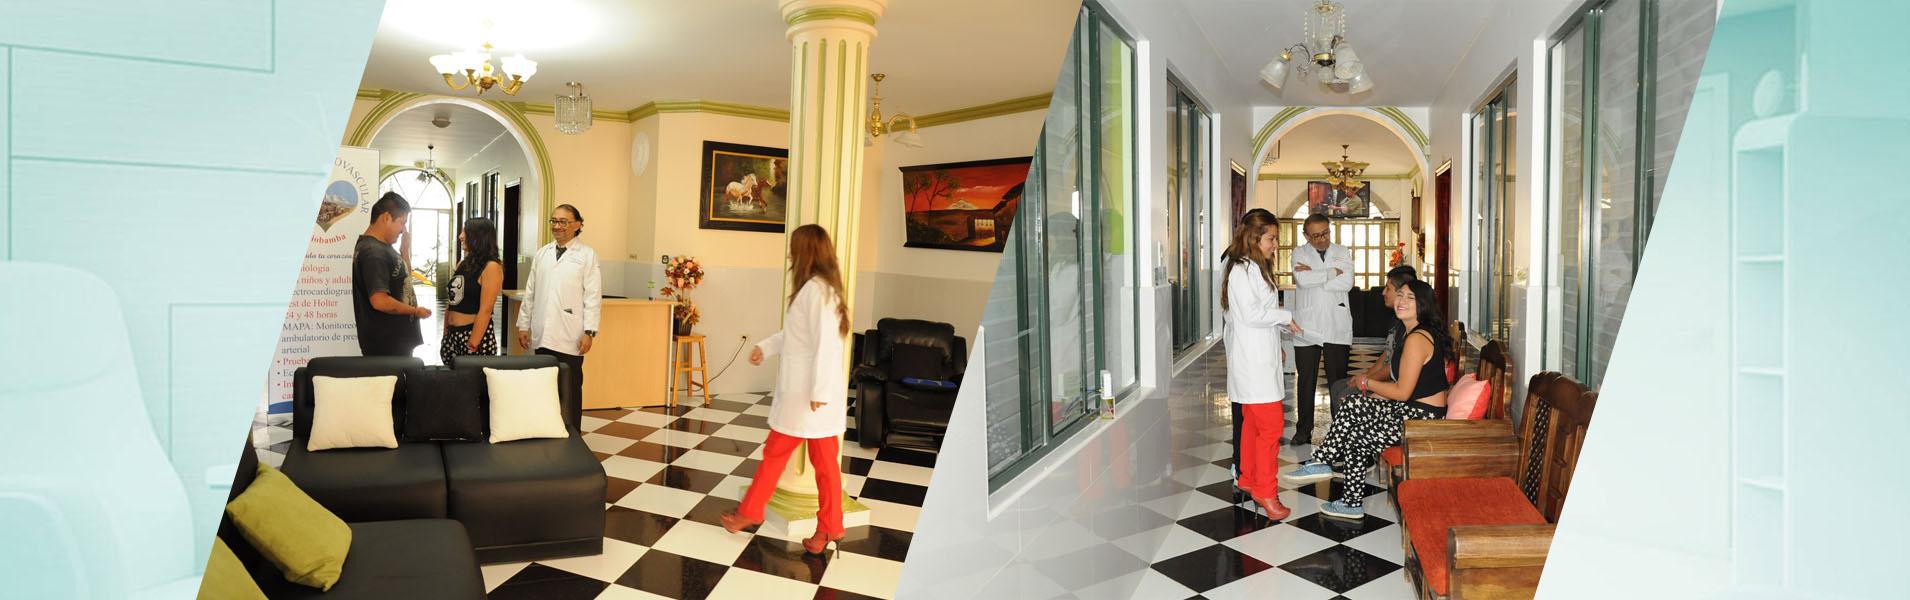 centro medico cardiovascular riobamba interior